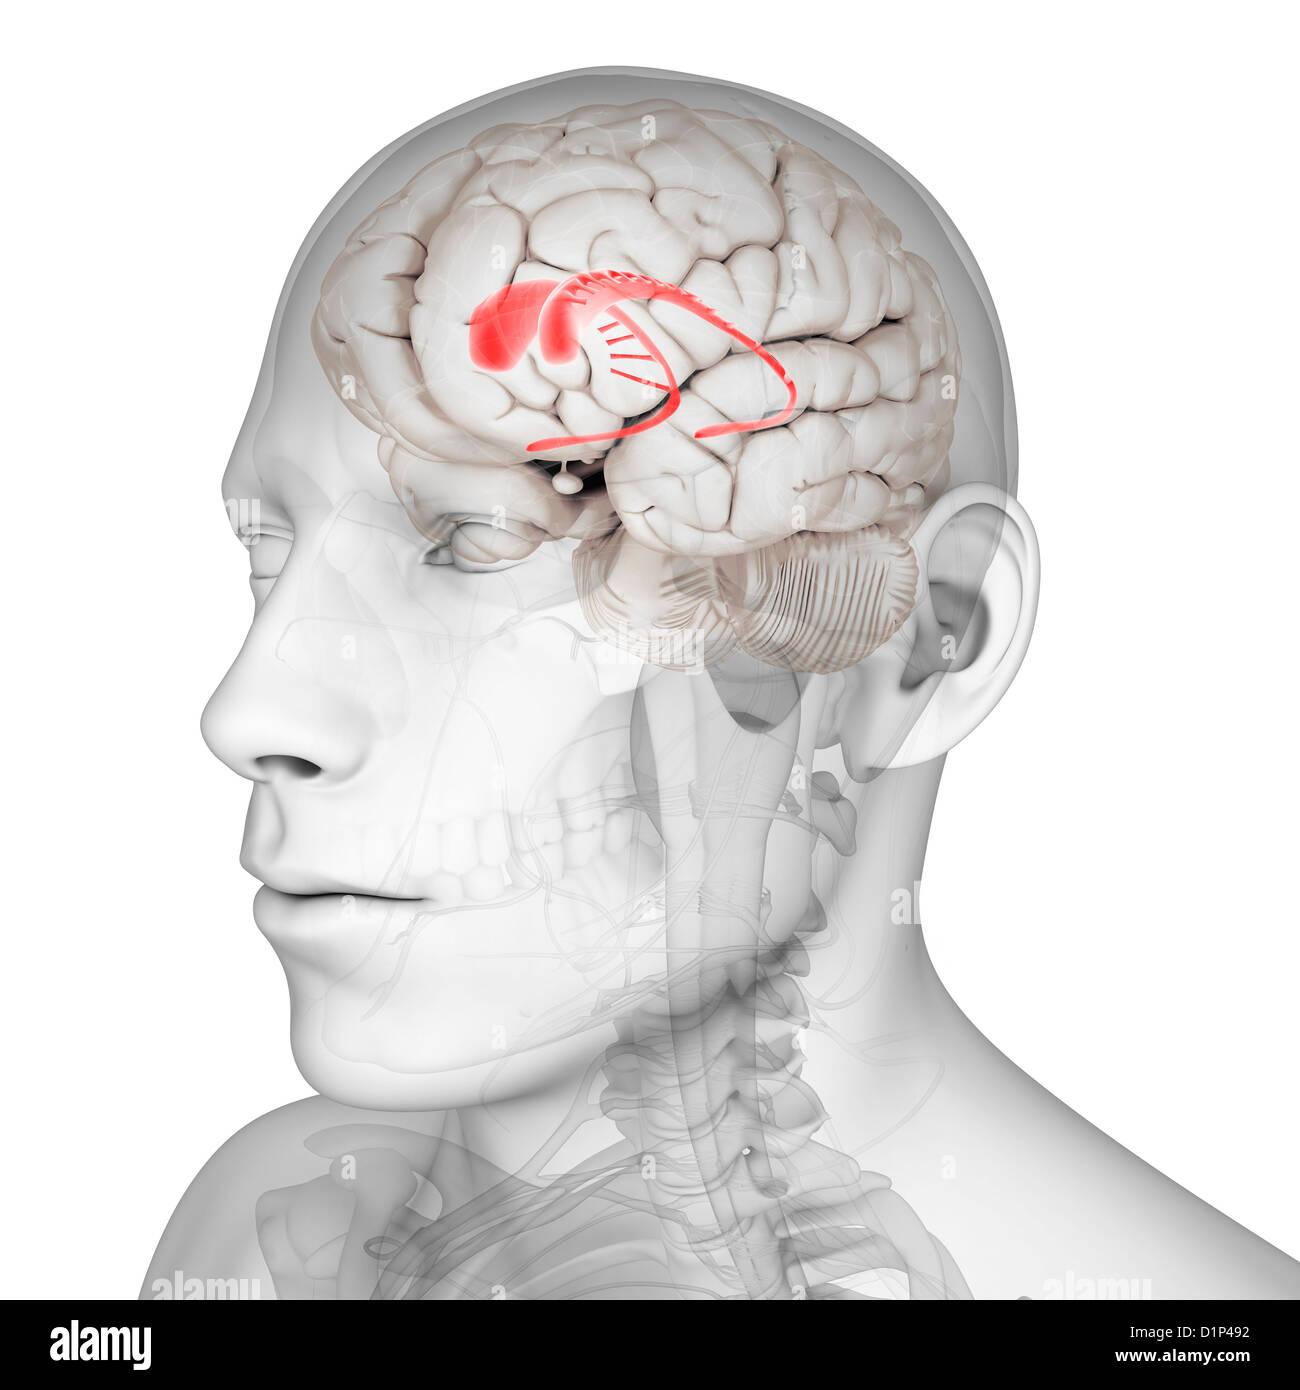 Caudate nucleus, artwork - Stock Image